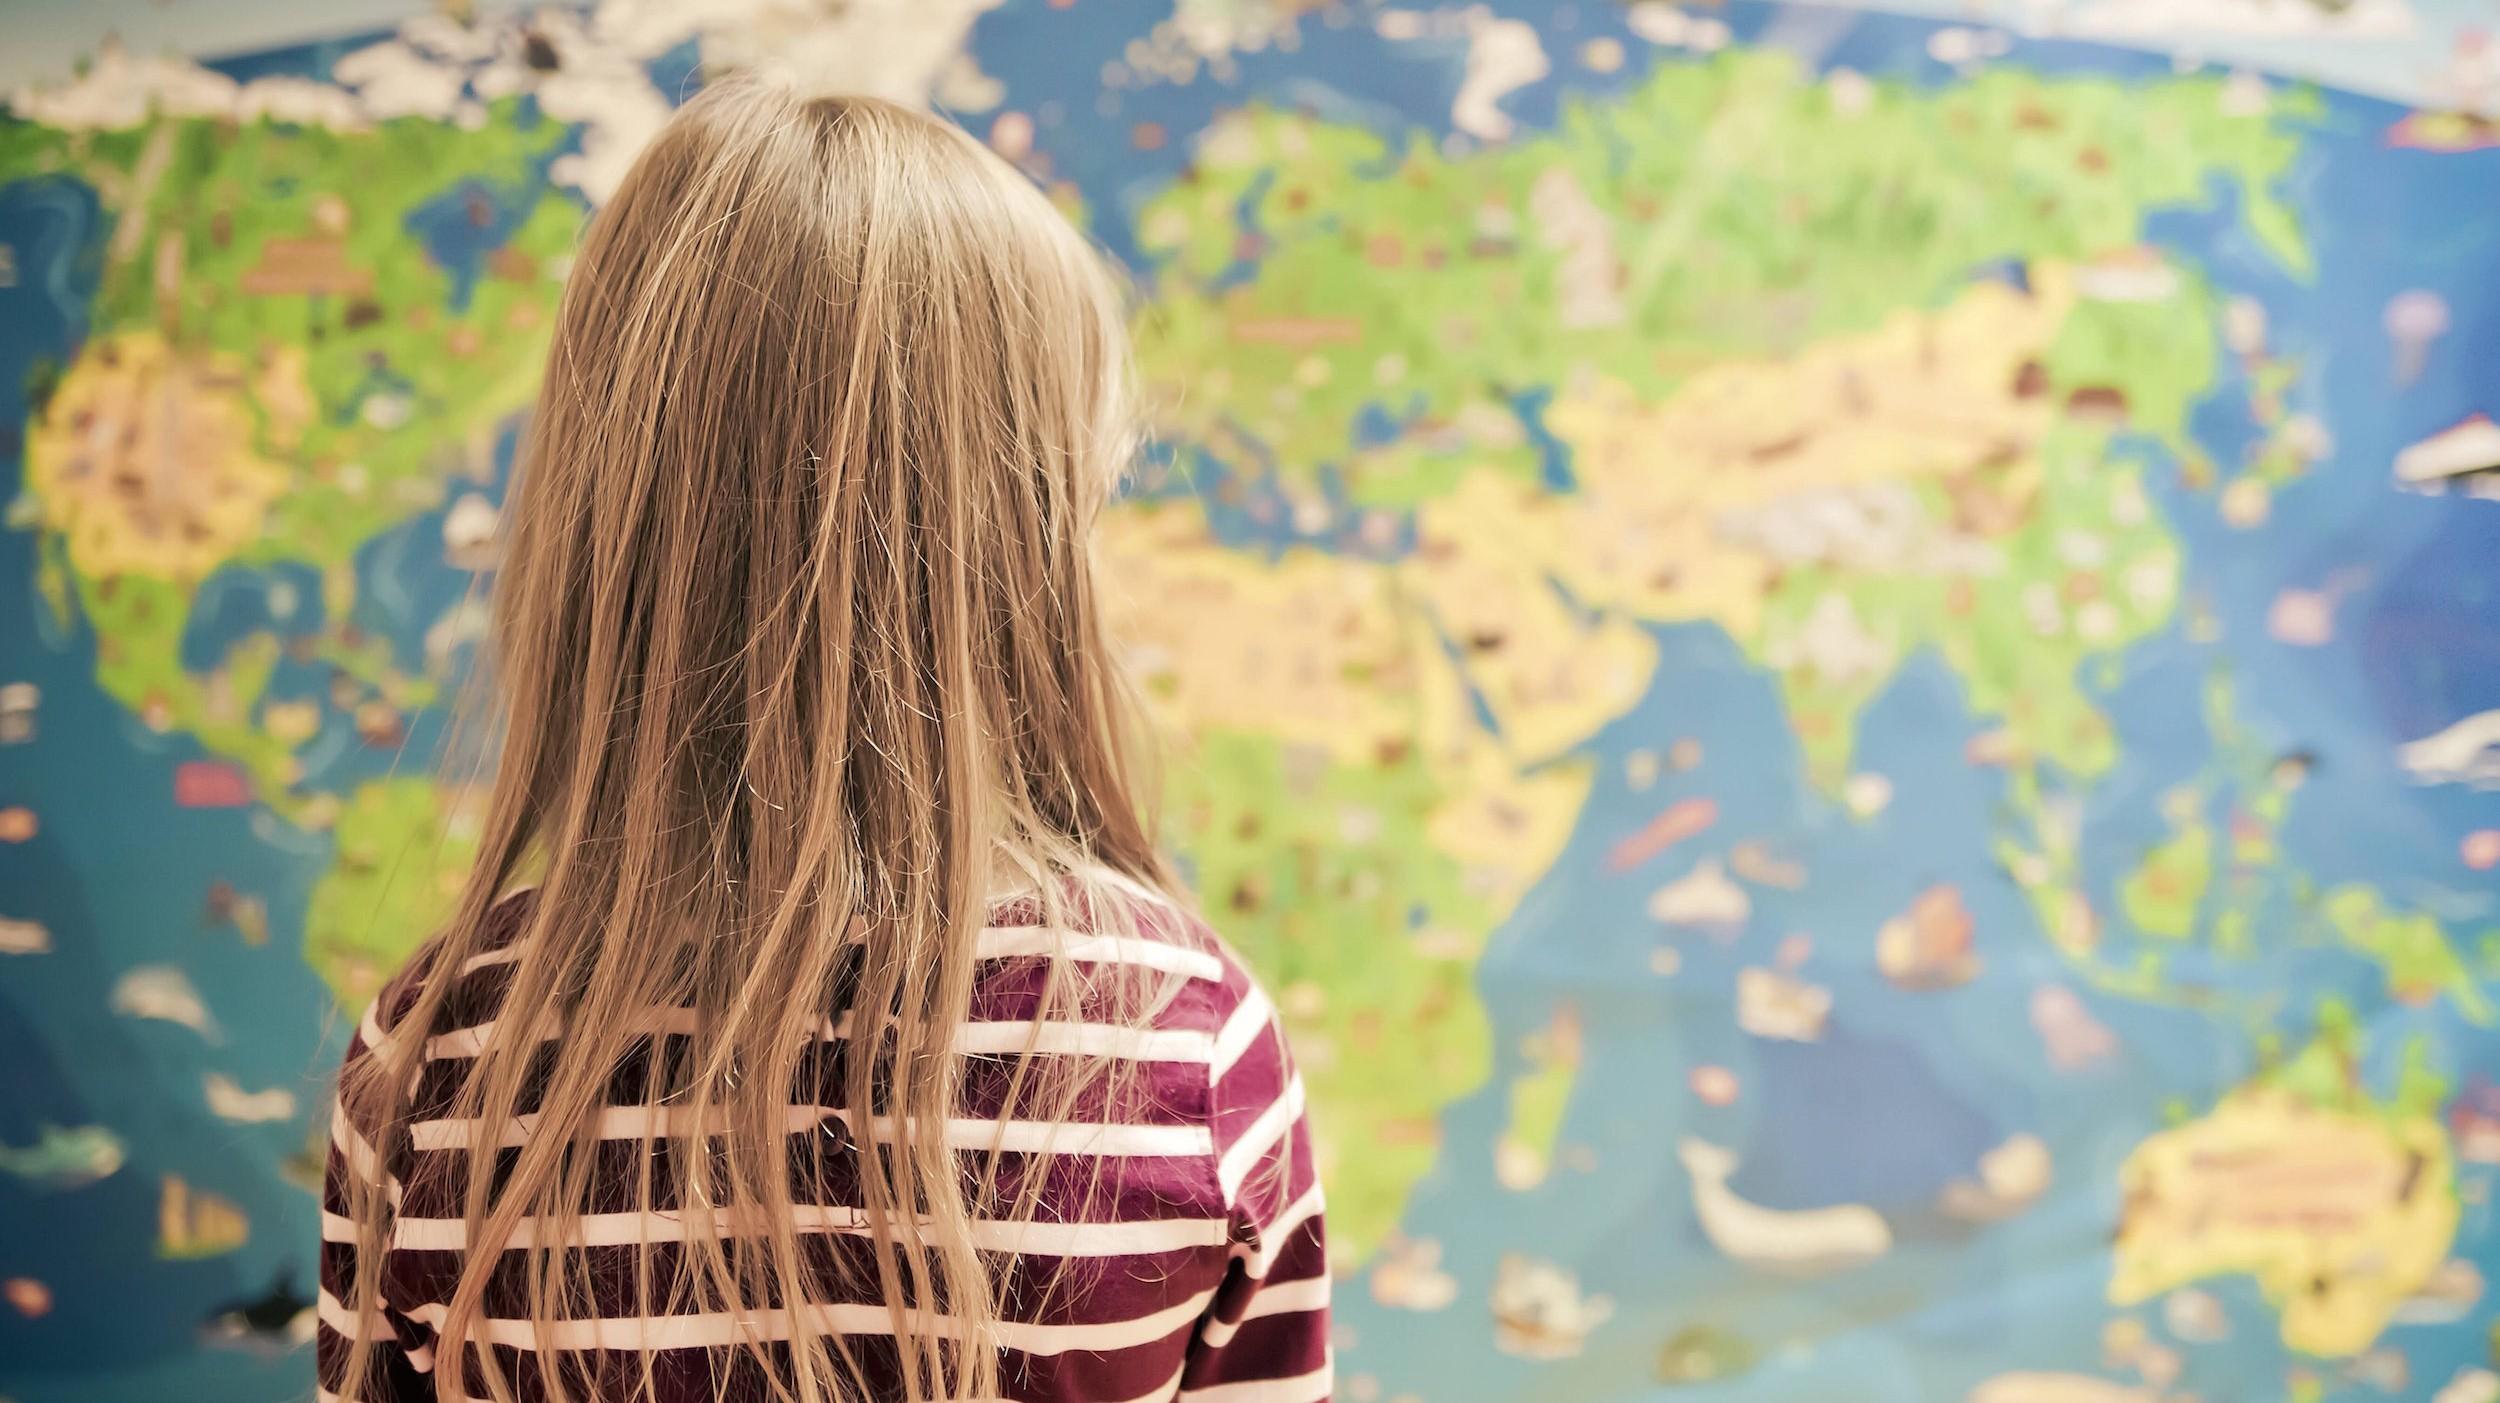 Transgender - Kinder verstehen das besser als Erwachsene